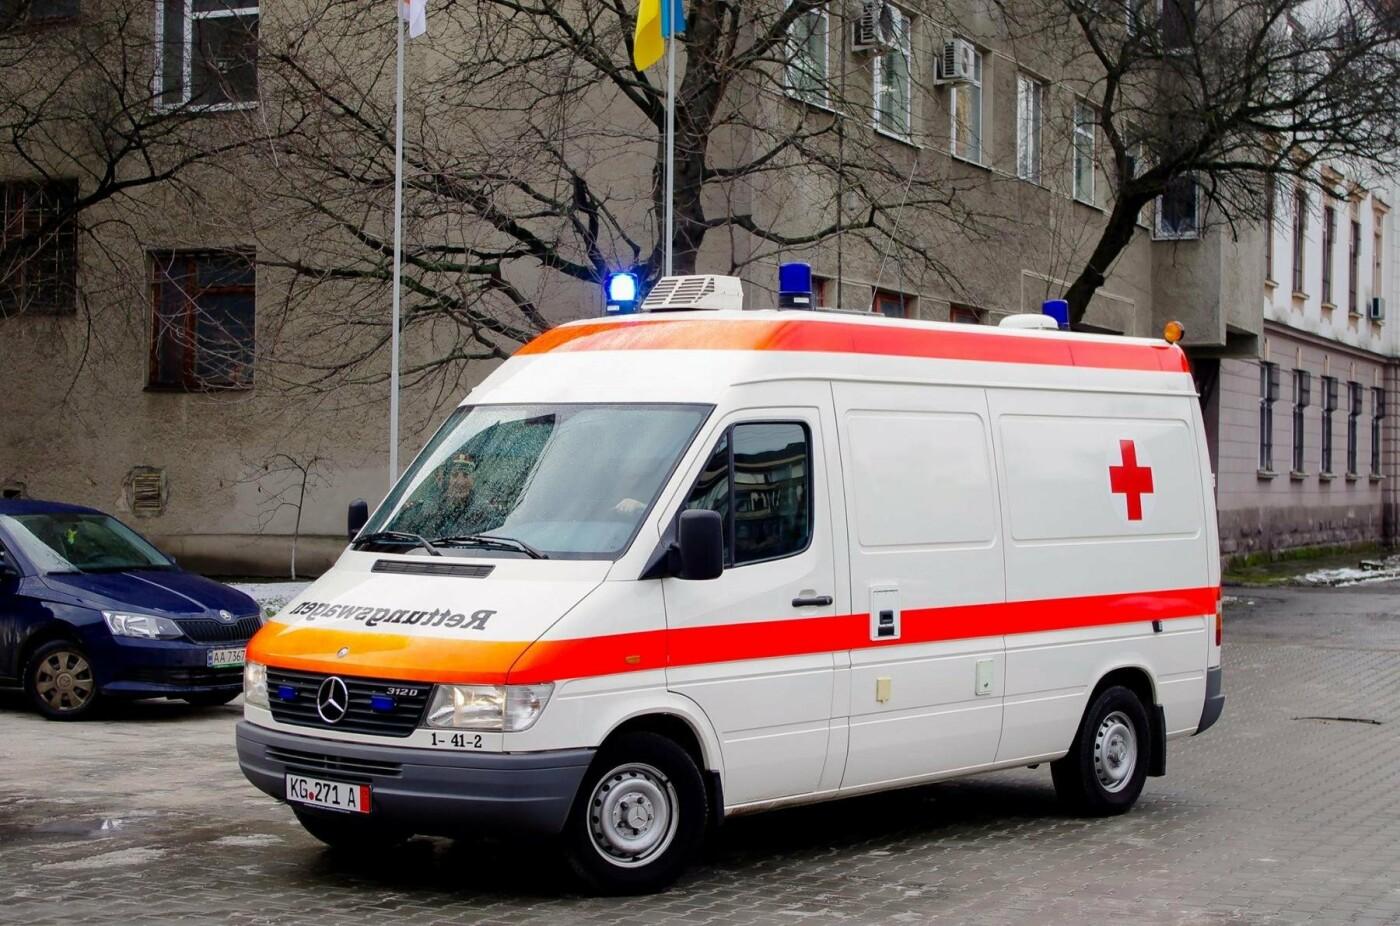 Міські рятувальники отримали сучасний реанімобіль. ФОТО, фото-5